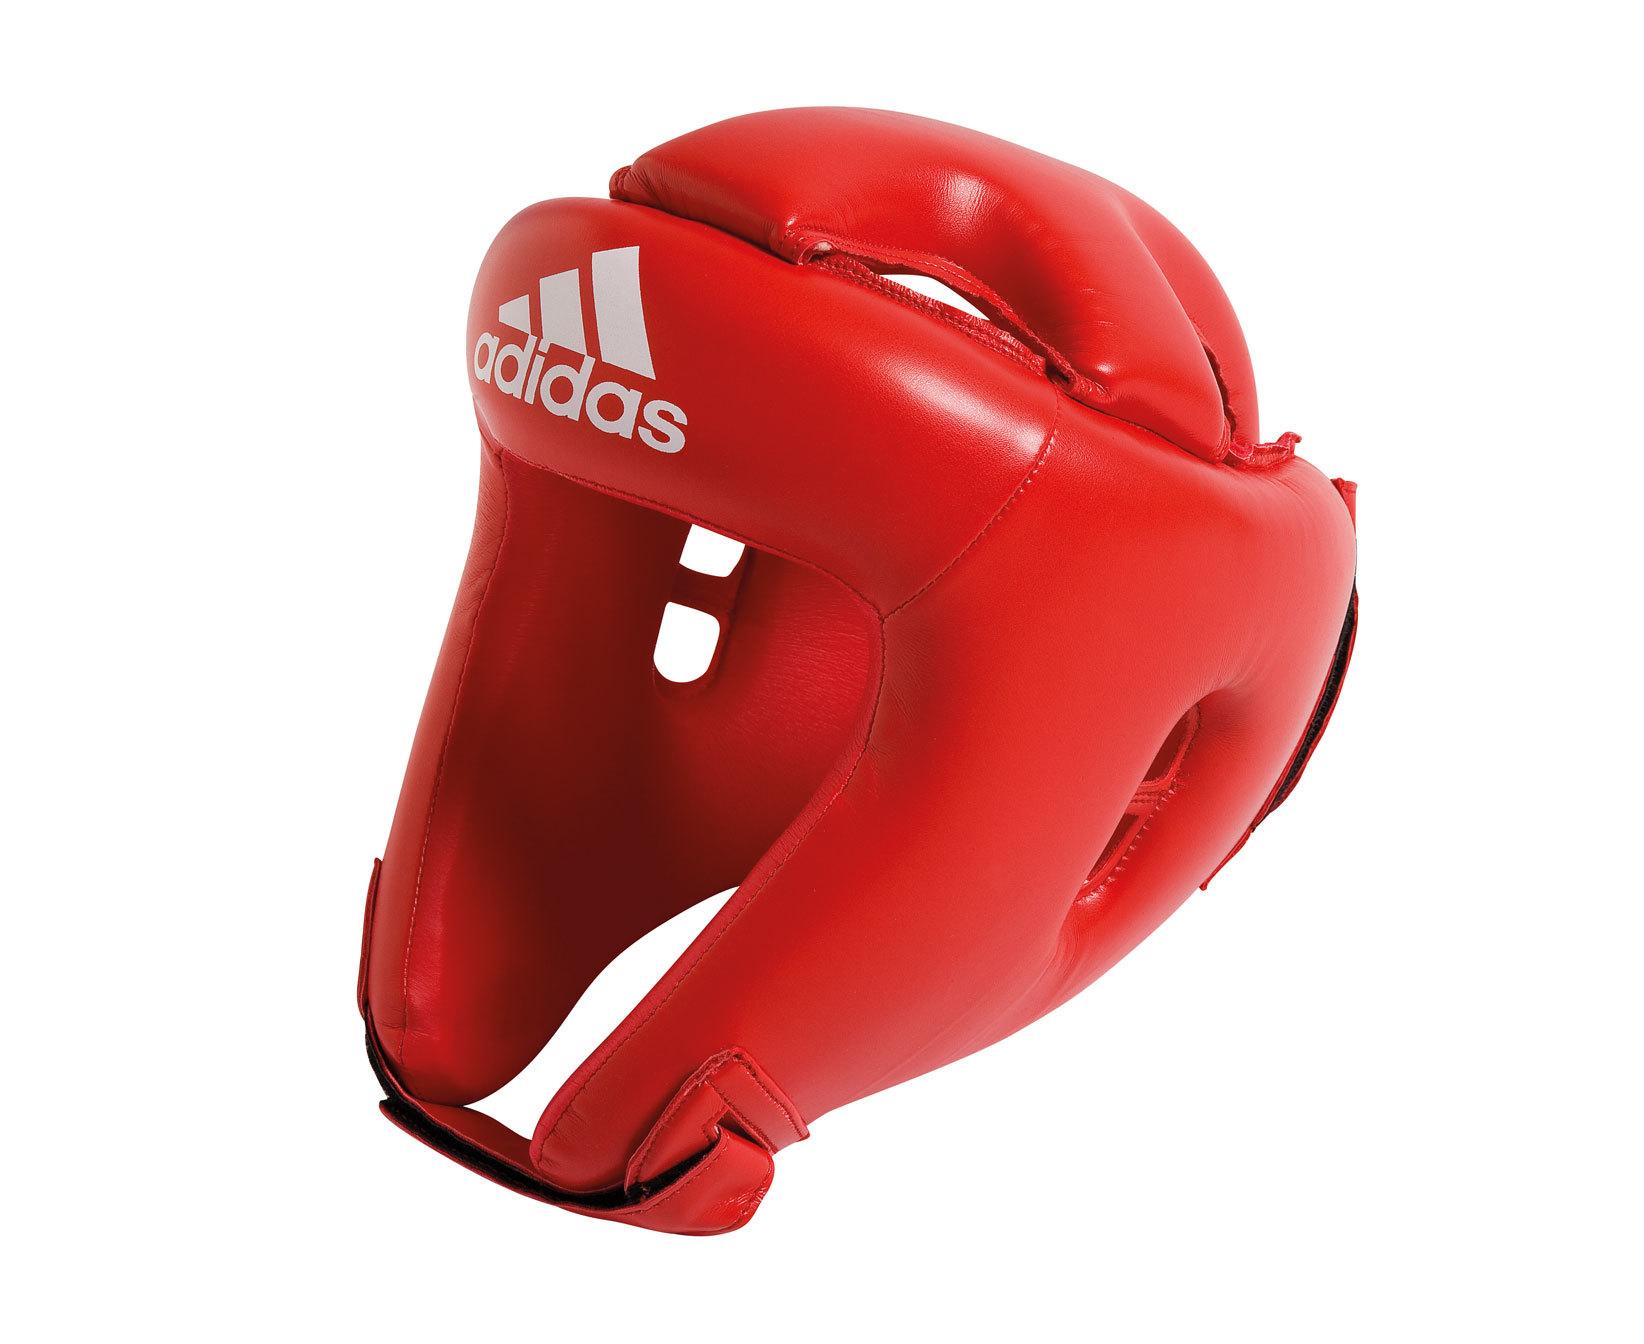 Шлемы ШЛЕМ ДЛЯ КИКБОКСИНГА COMPETITION HEAD GUARD ADIDAS shlem_bokserskiy_competition_head_guard_krasnyy.jpg